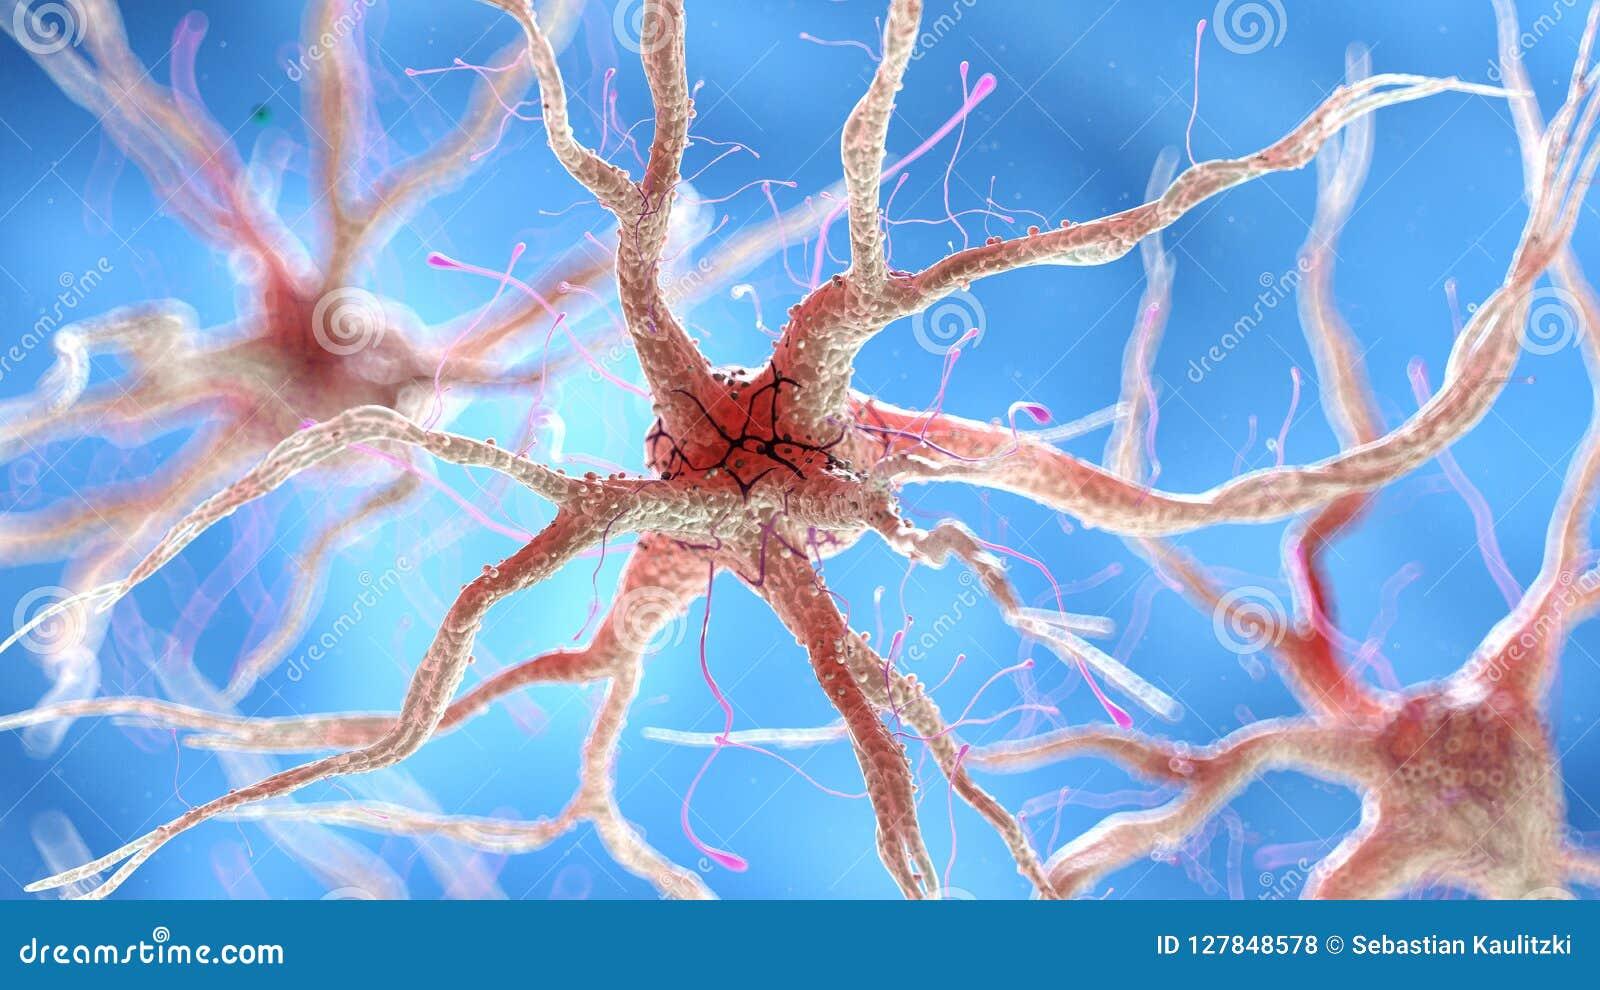 Een gezonde menselijke zenuwachtige cel